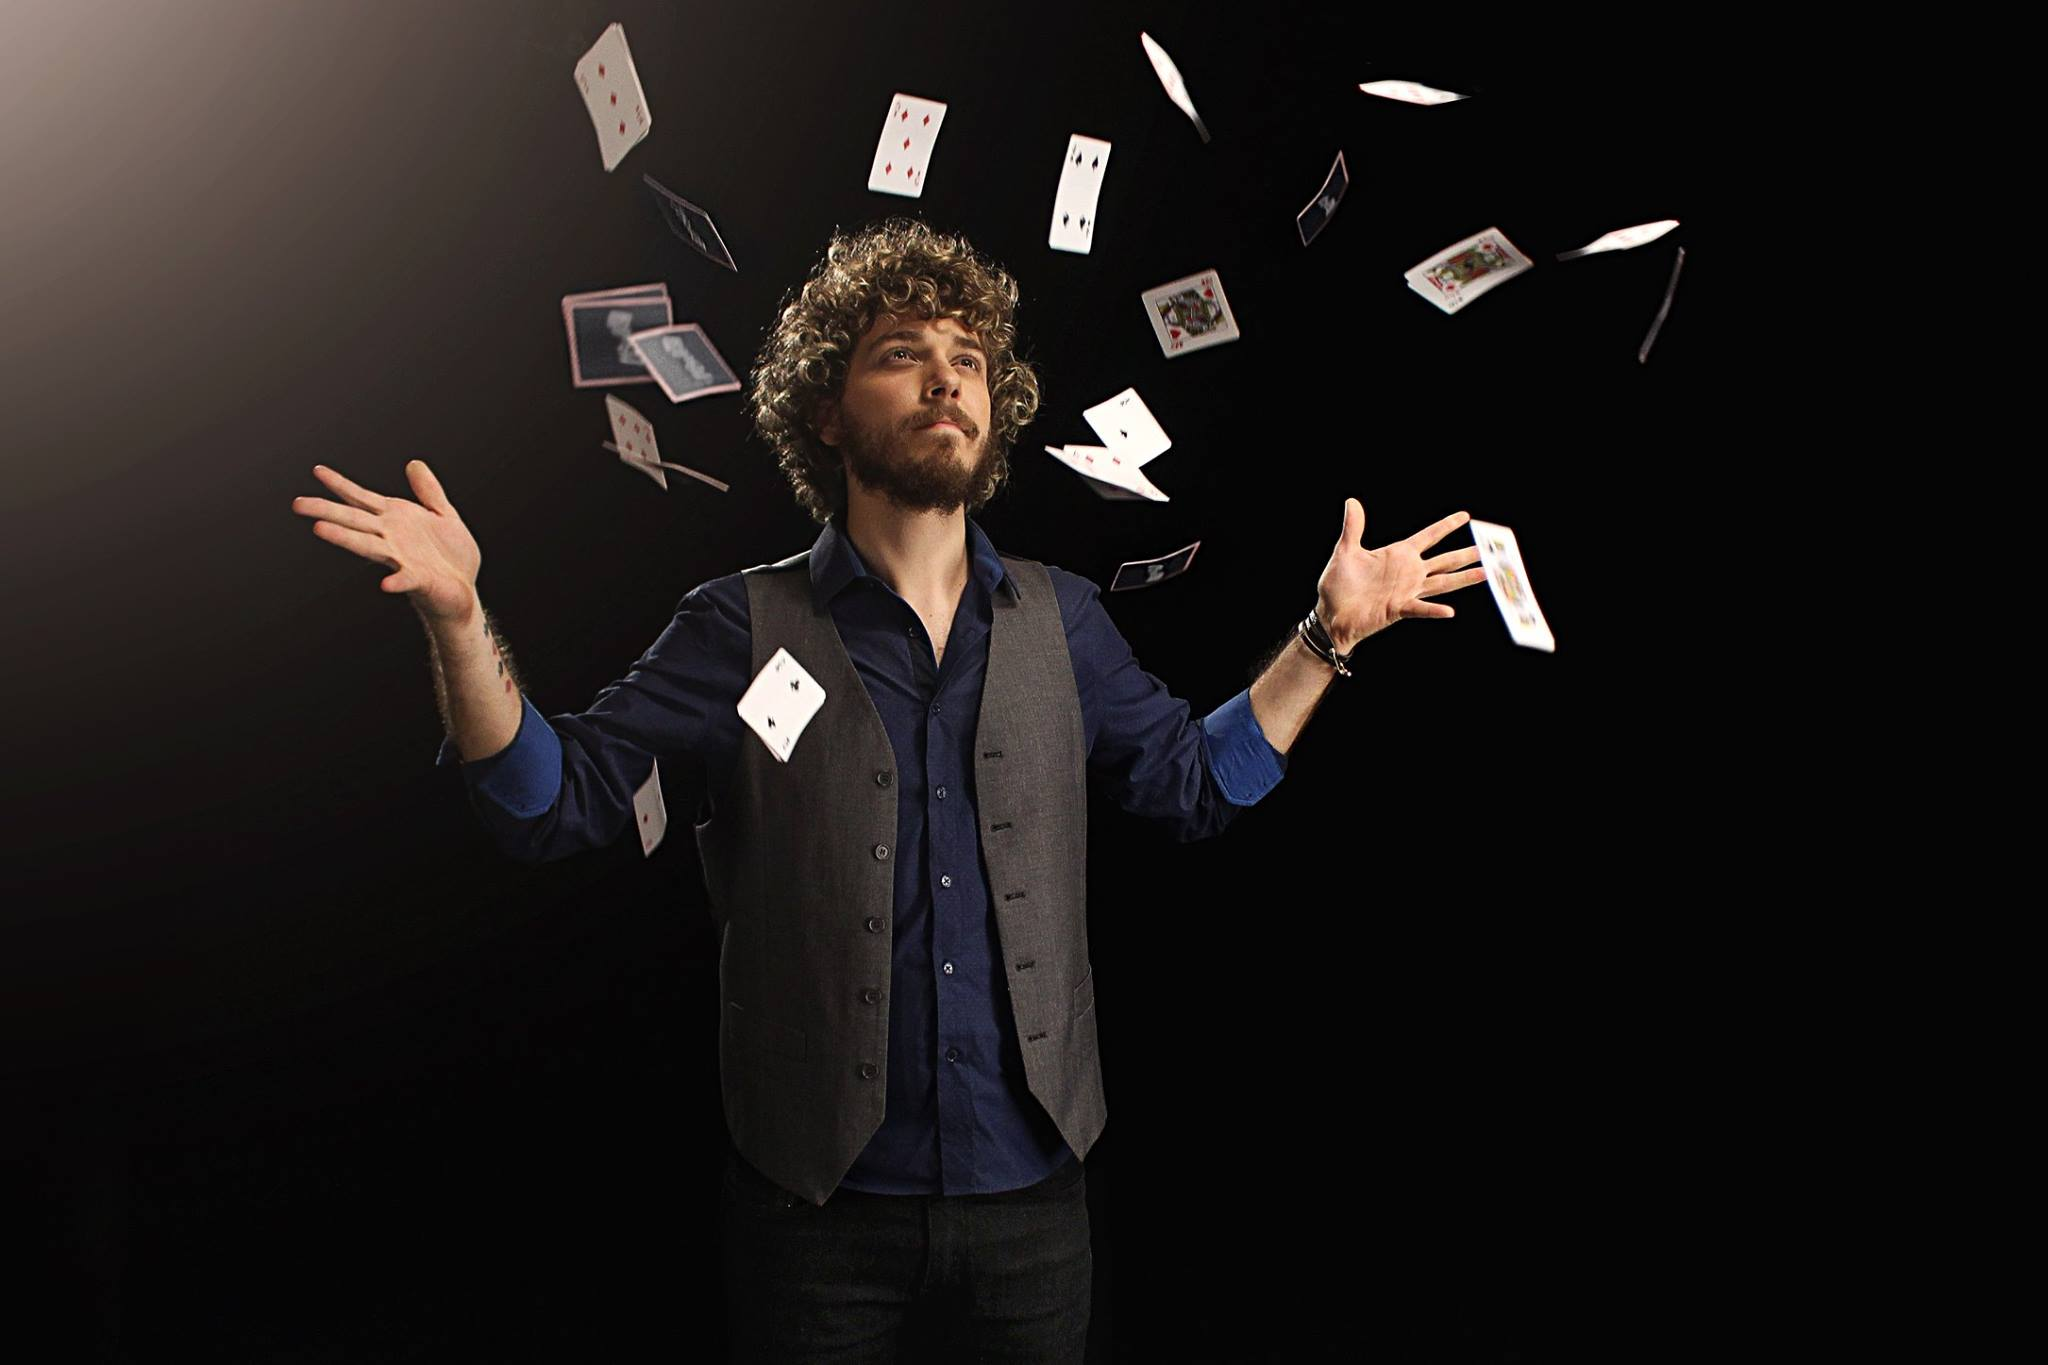 Curso de Mágica completo com Pedro Amaral é bom e vale a pena